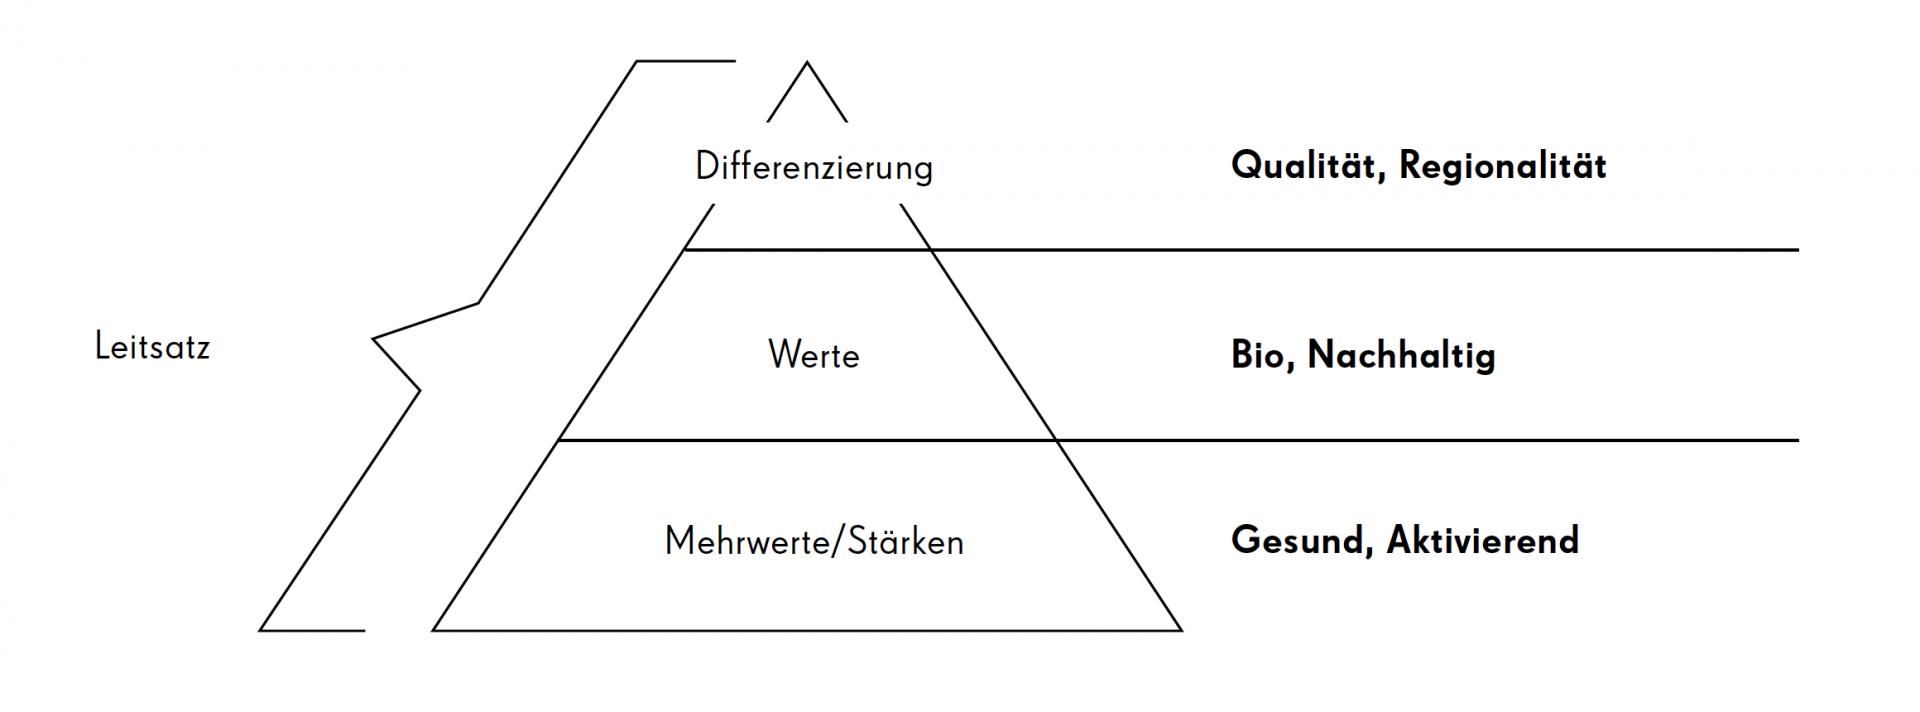 markburg – Studio für Markenbildung & Gestaltung neues